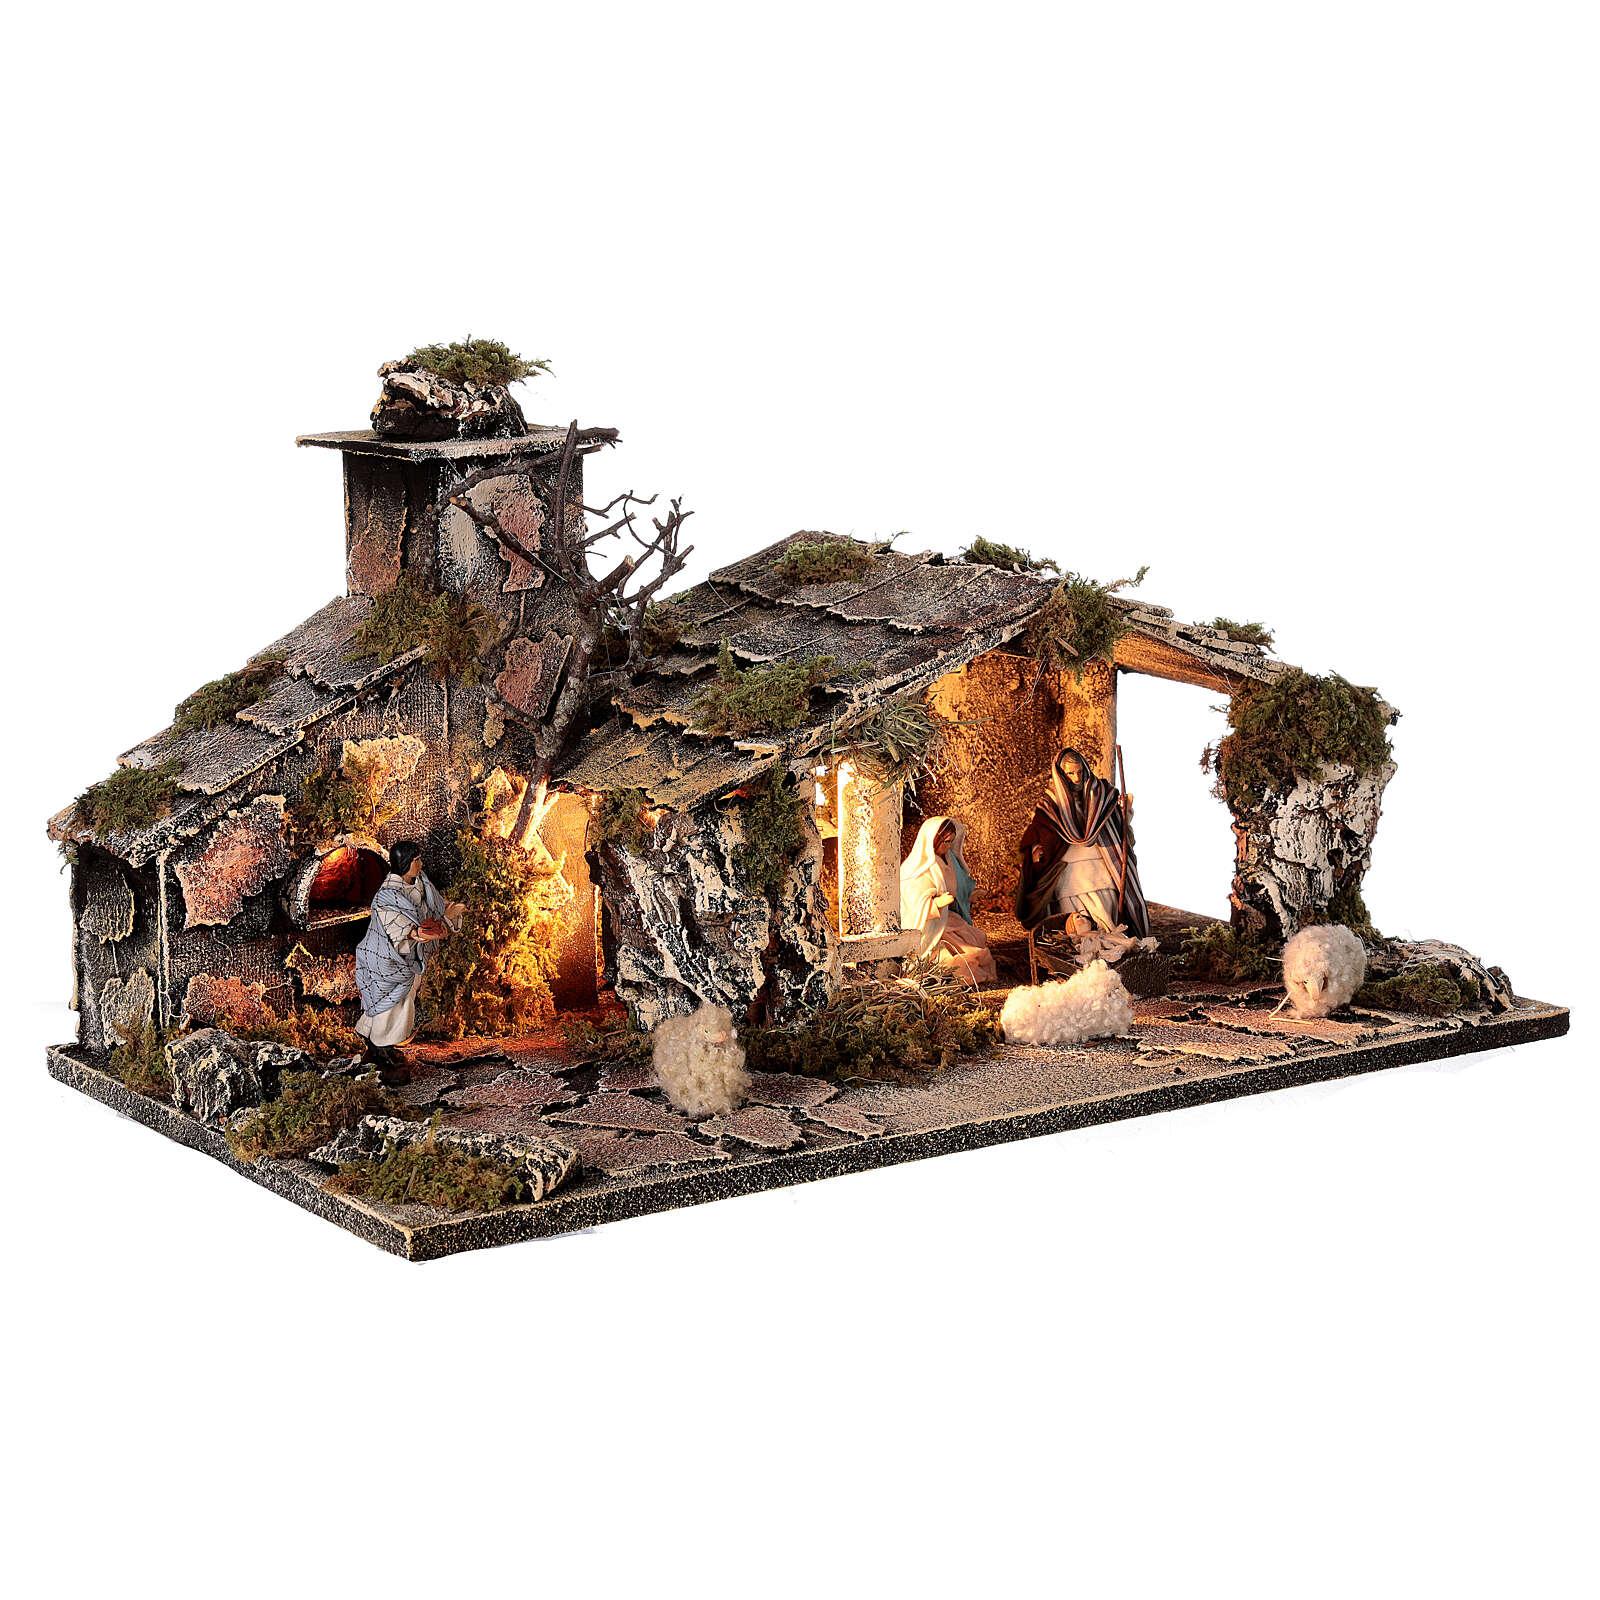 Capanna natività statue 8 cm con forno presepe napoletano 25x50x25 cm 4